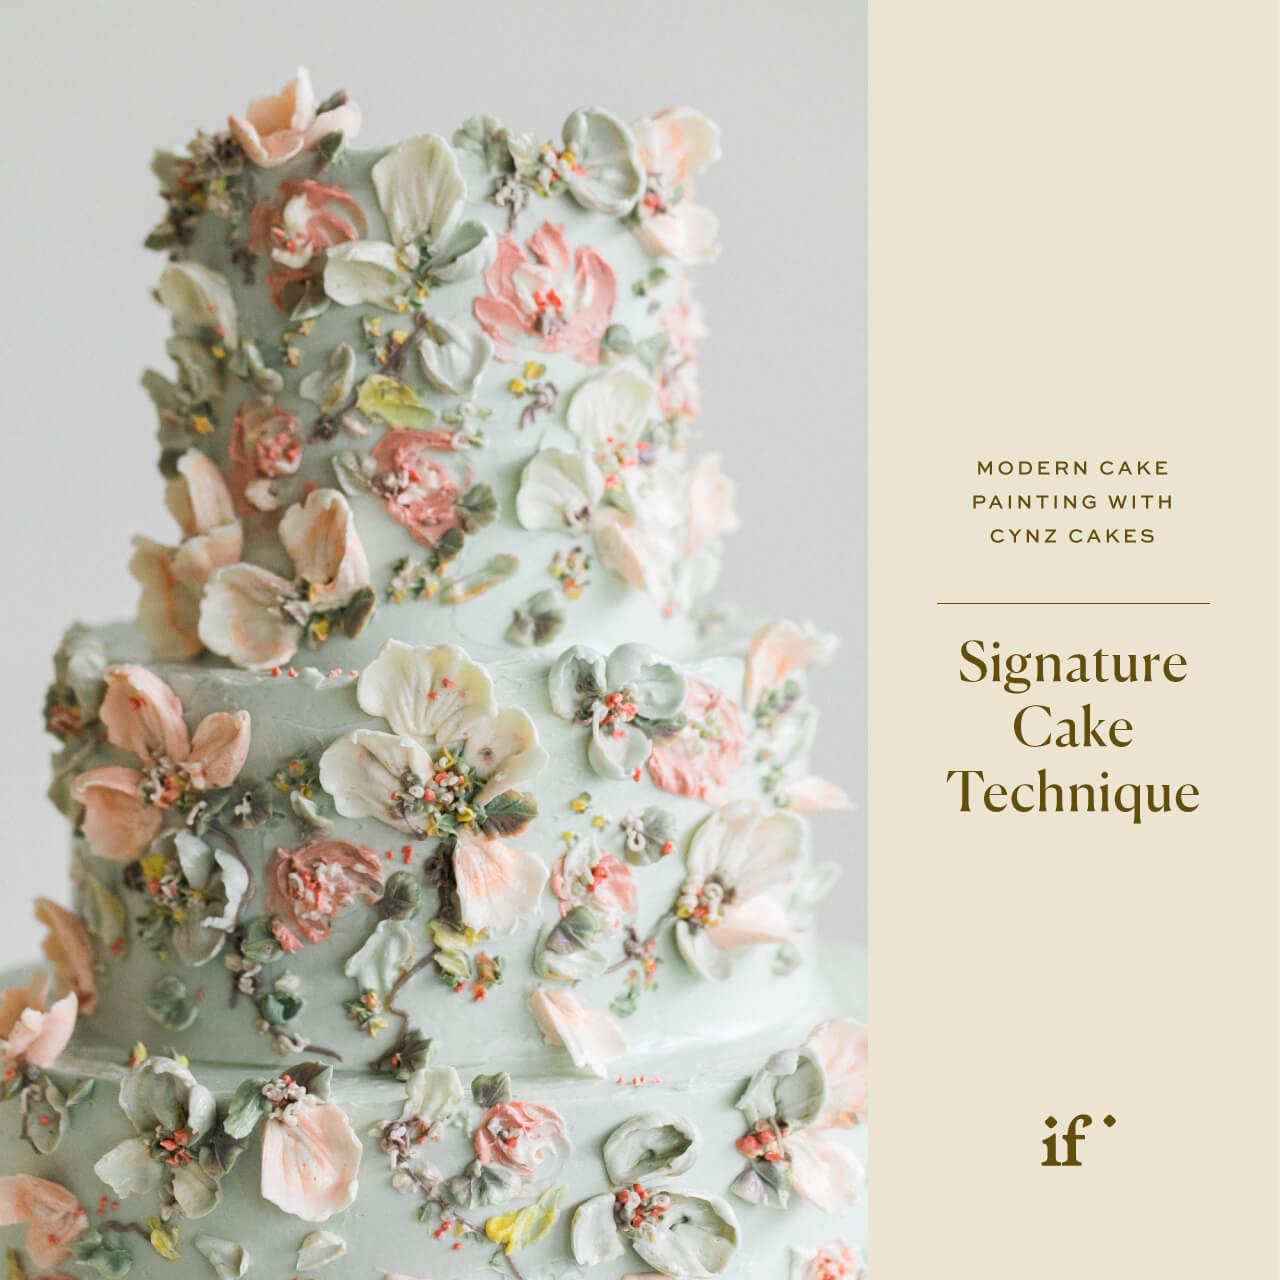 Signature Wedding Cake Technique